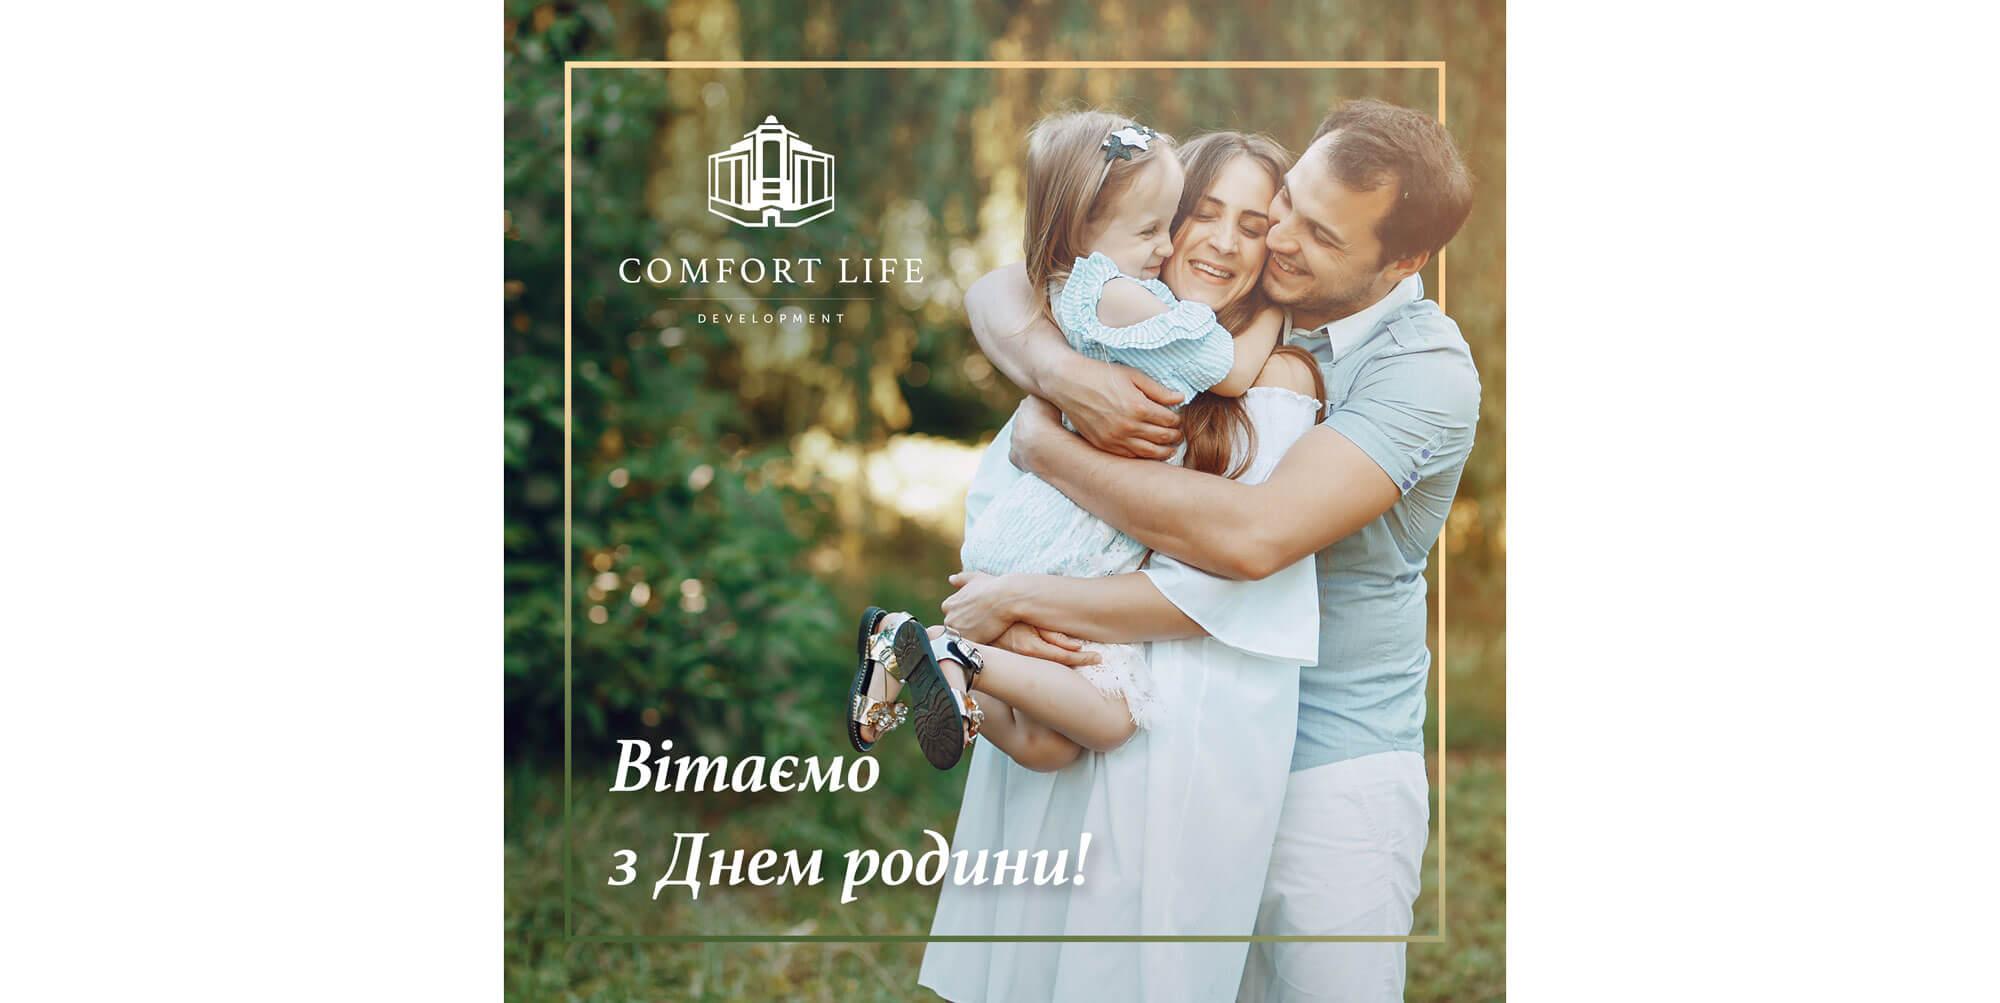 Comfort Life Development вітає з Днем родини!